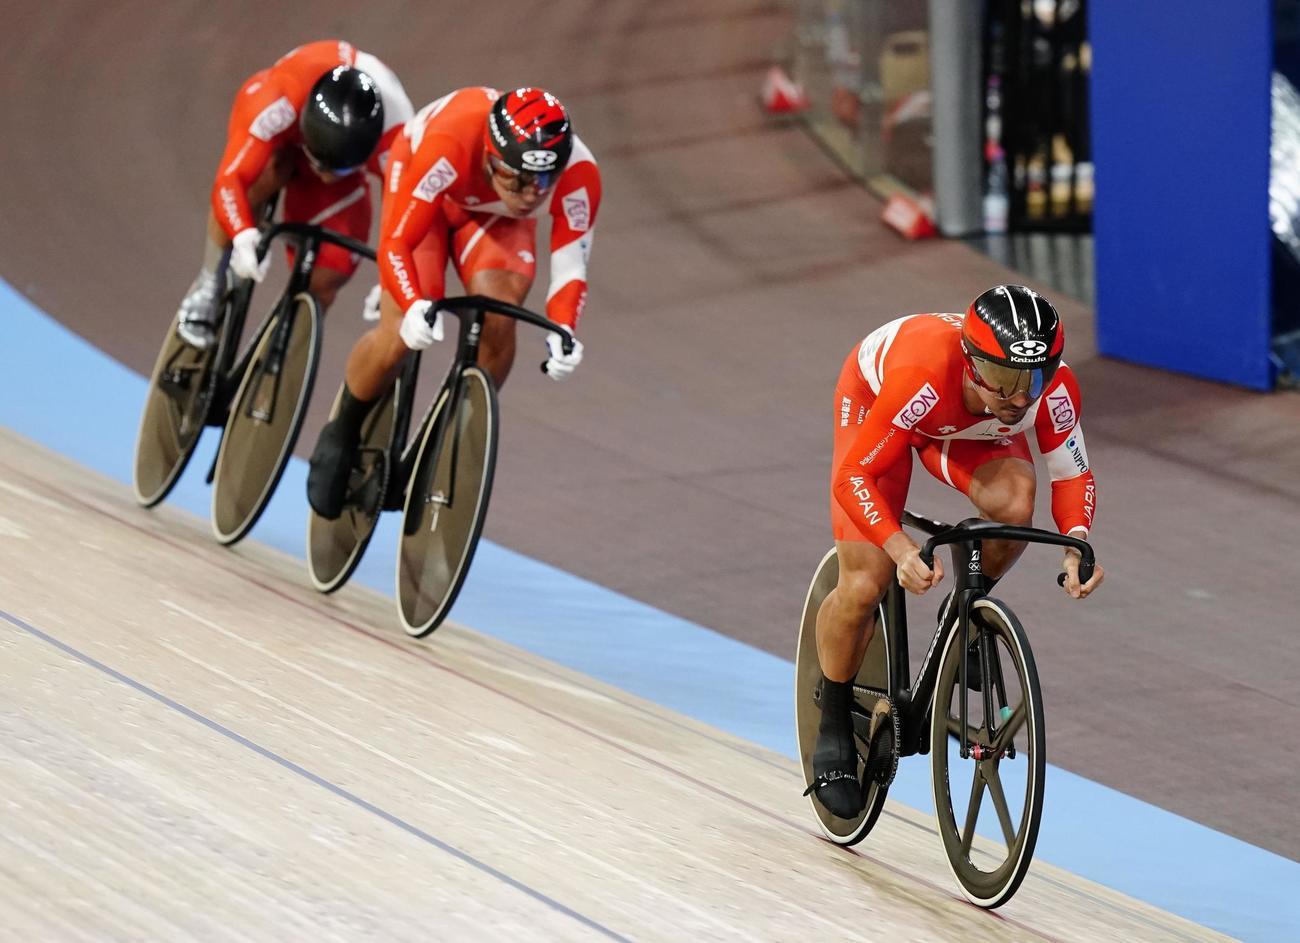 男子チームスプリント予選で9位に終わった(右から)雨谷一樹、新田祐大、深谷知広。東京五輪出場を逃した(共同)